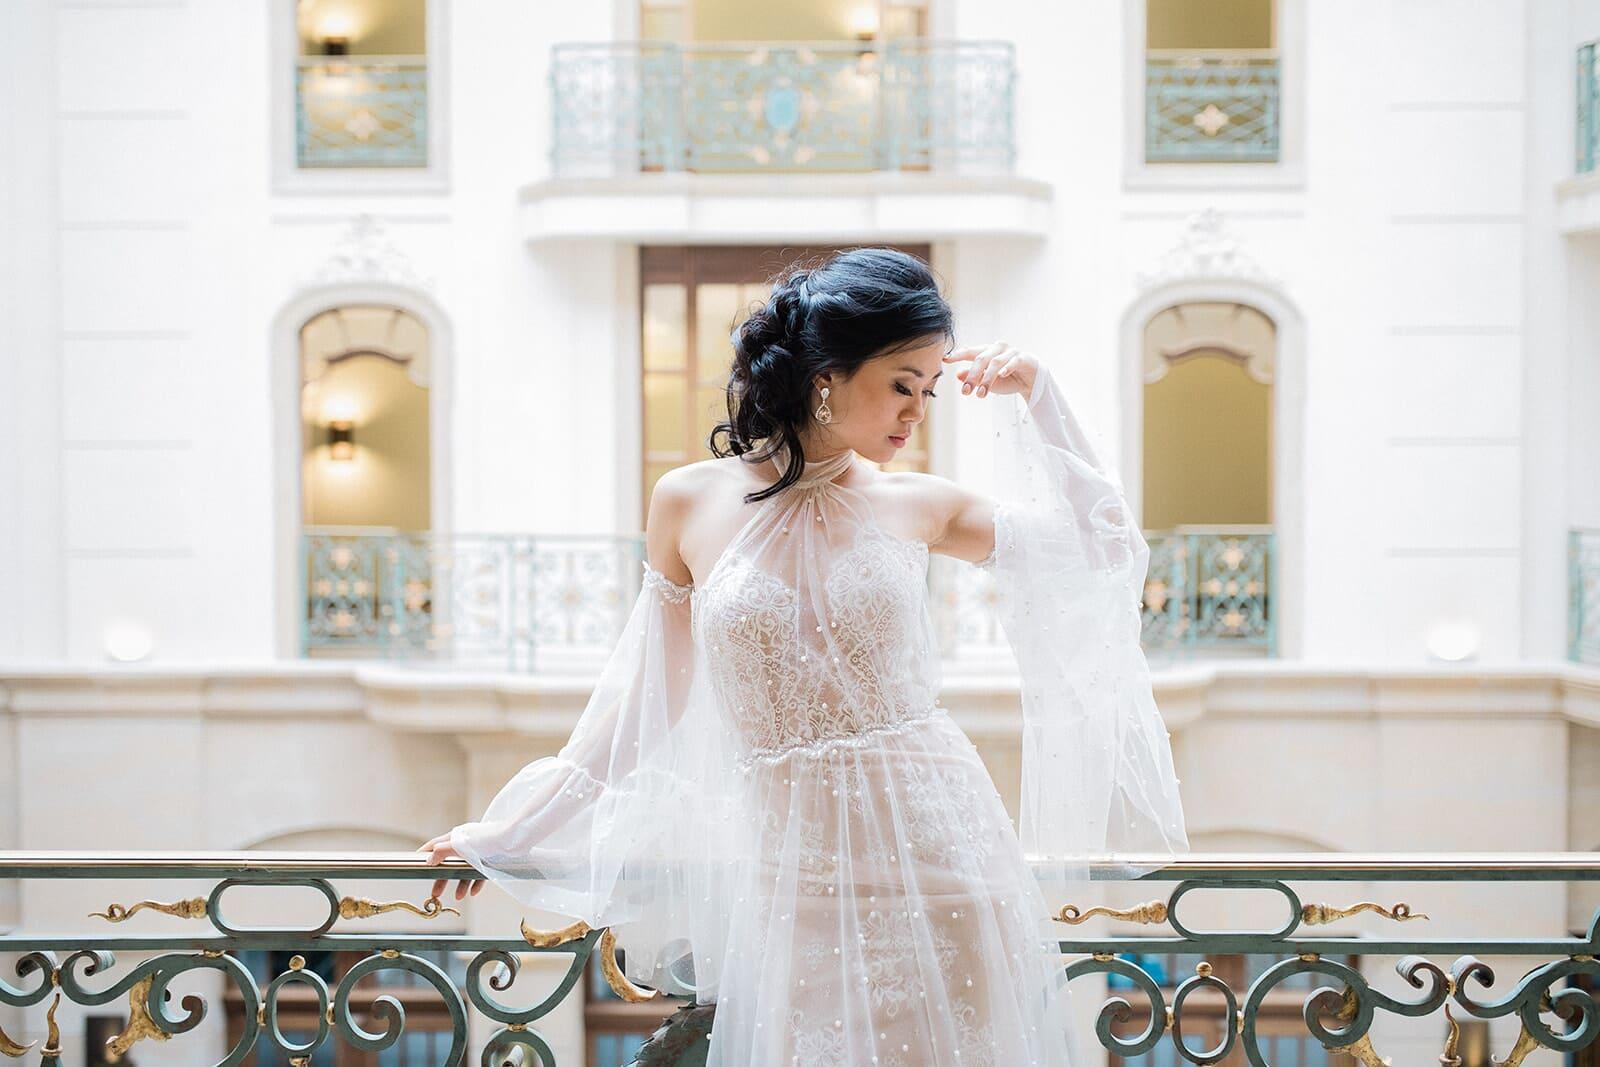 Das Hochzeitsbudget – wie viel Geld muss ich für das Hochzeitskleid einplanen?